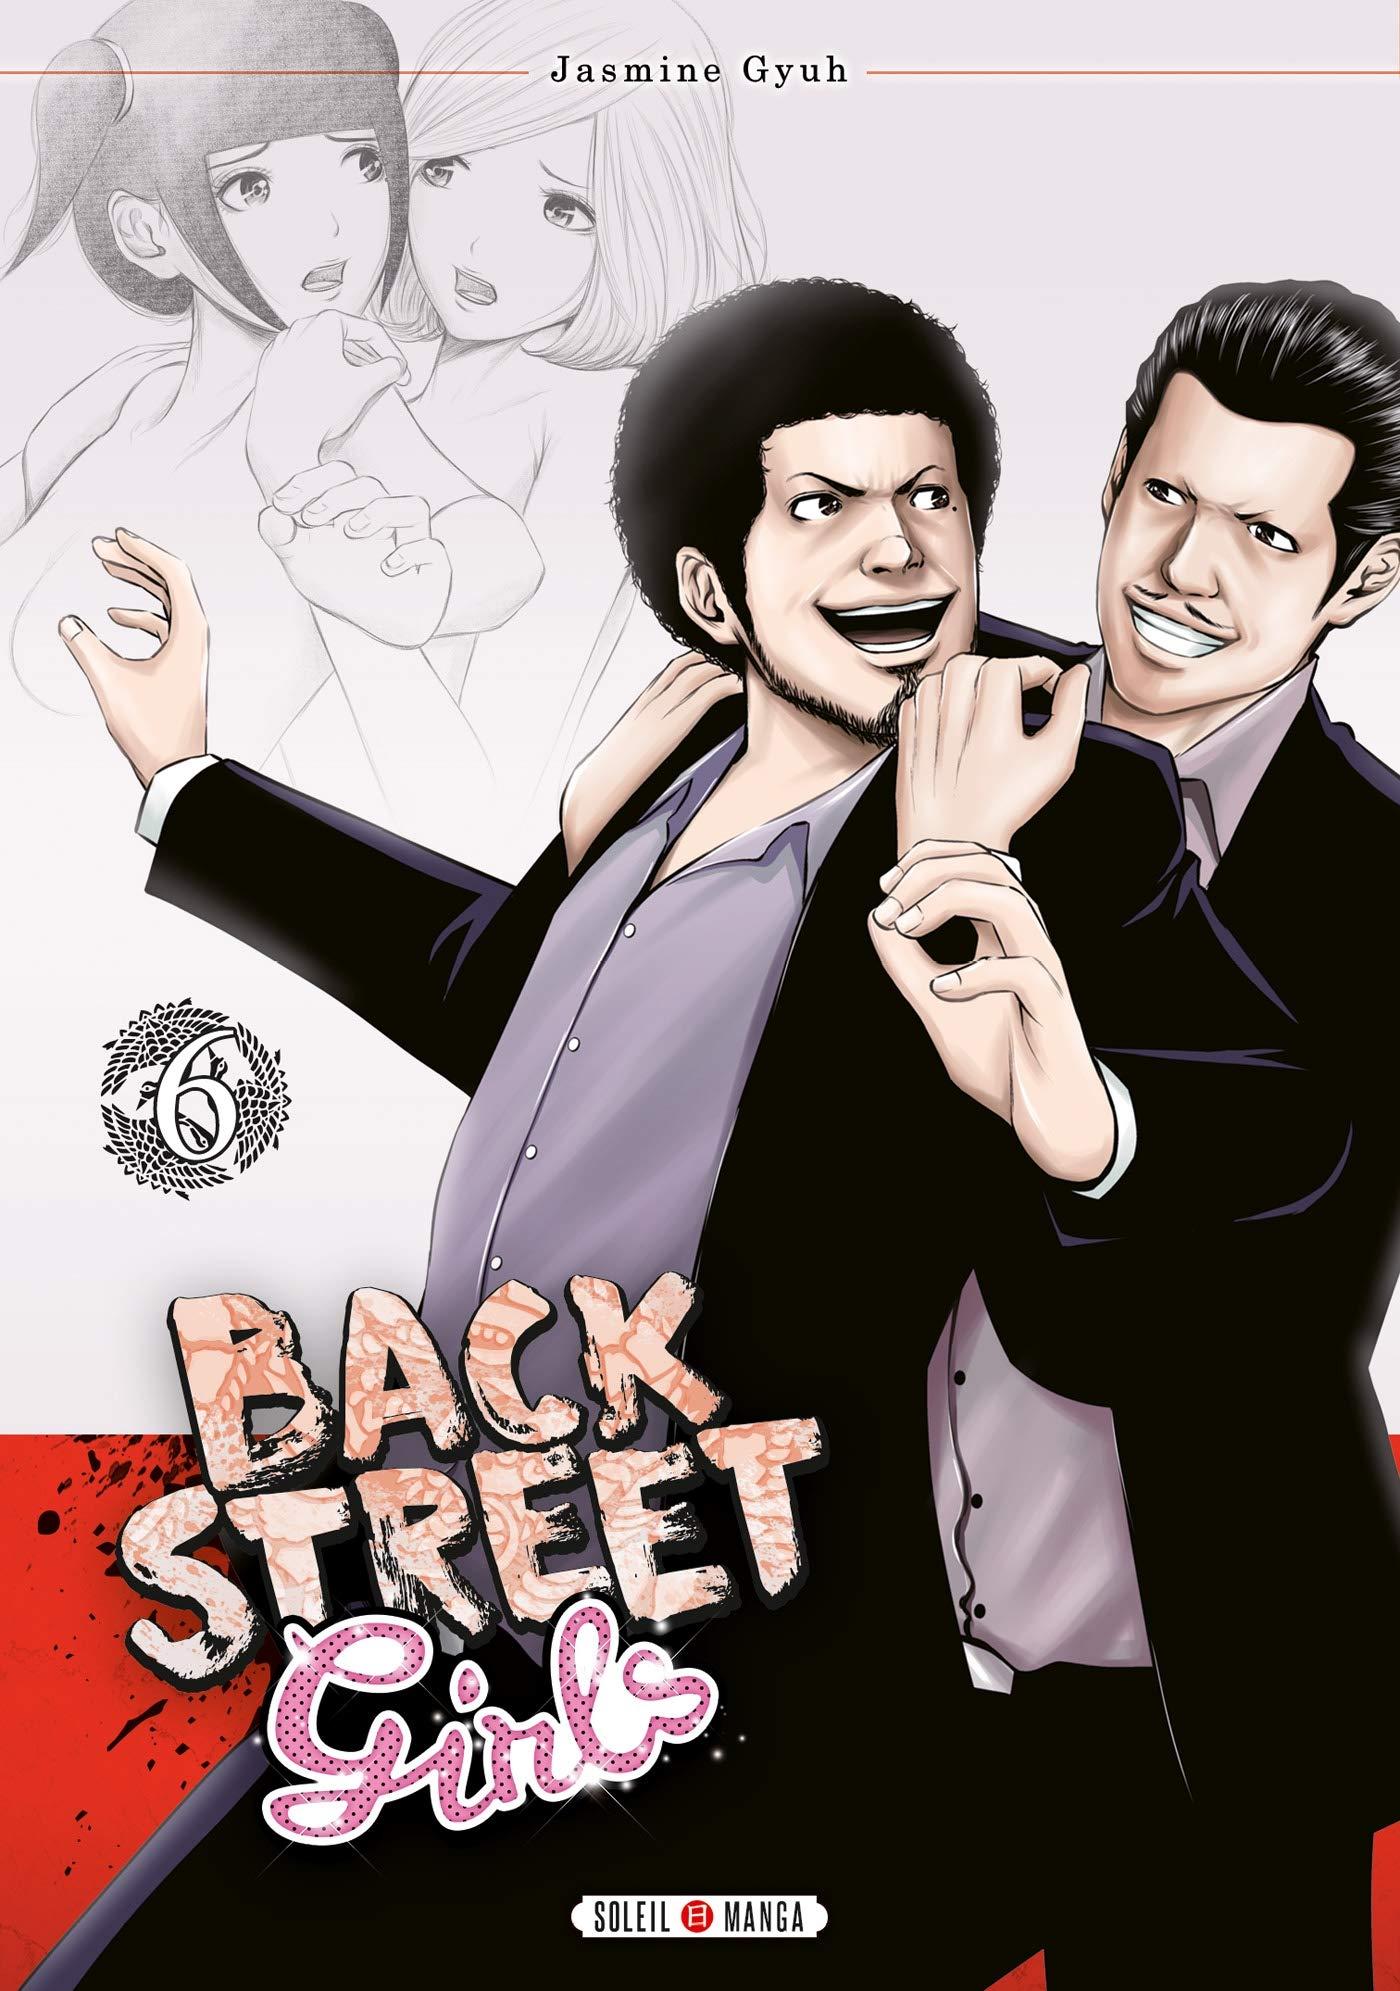 Back Street Girls 6